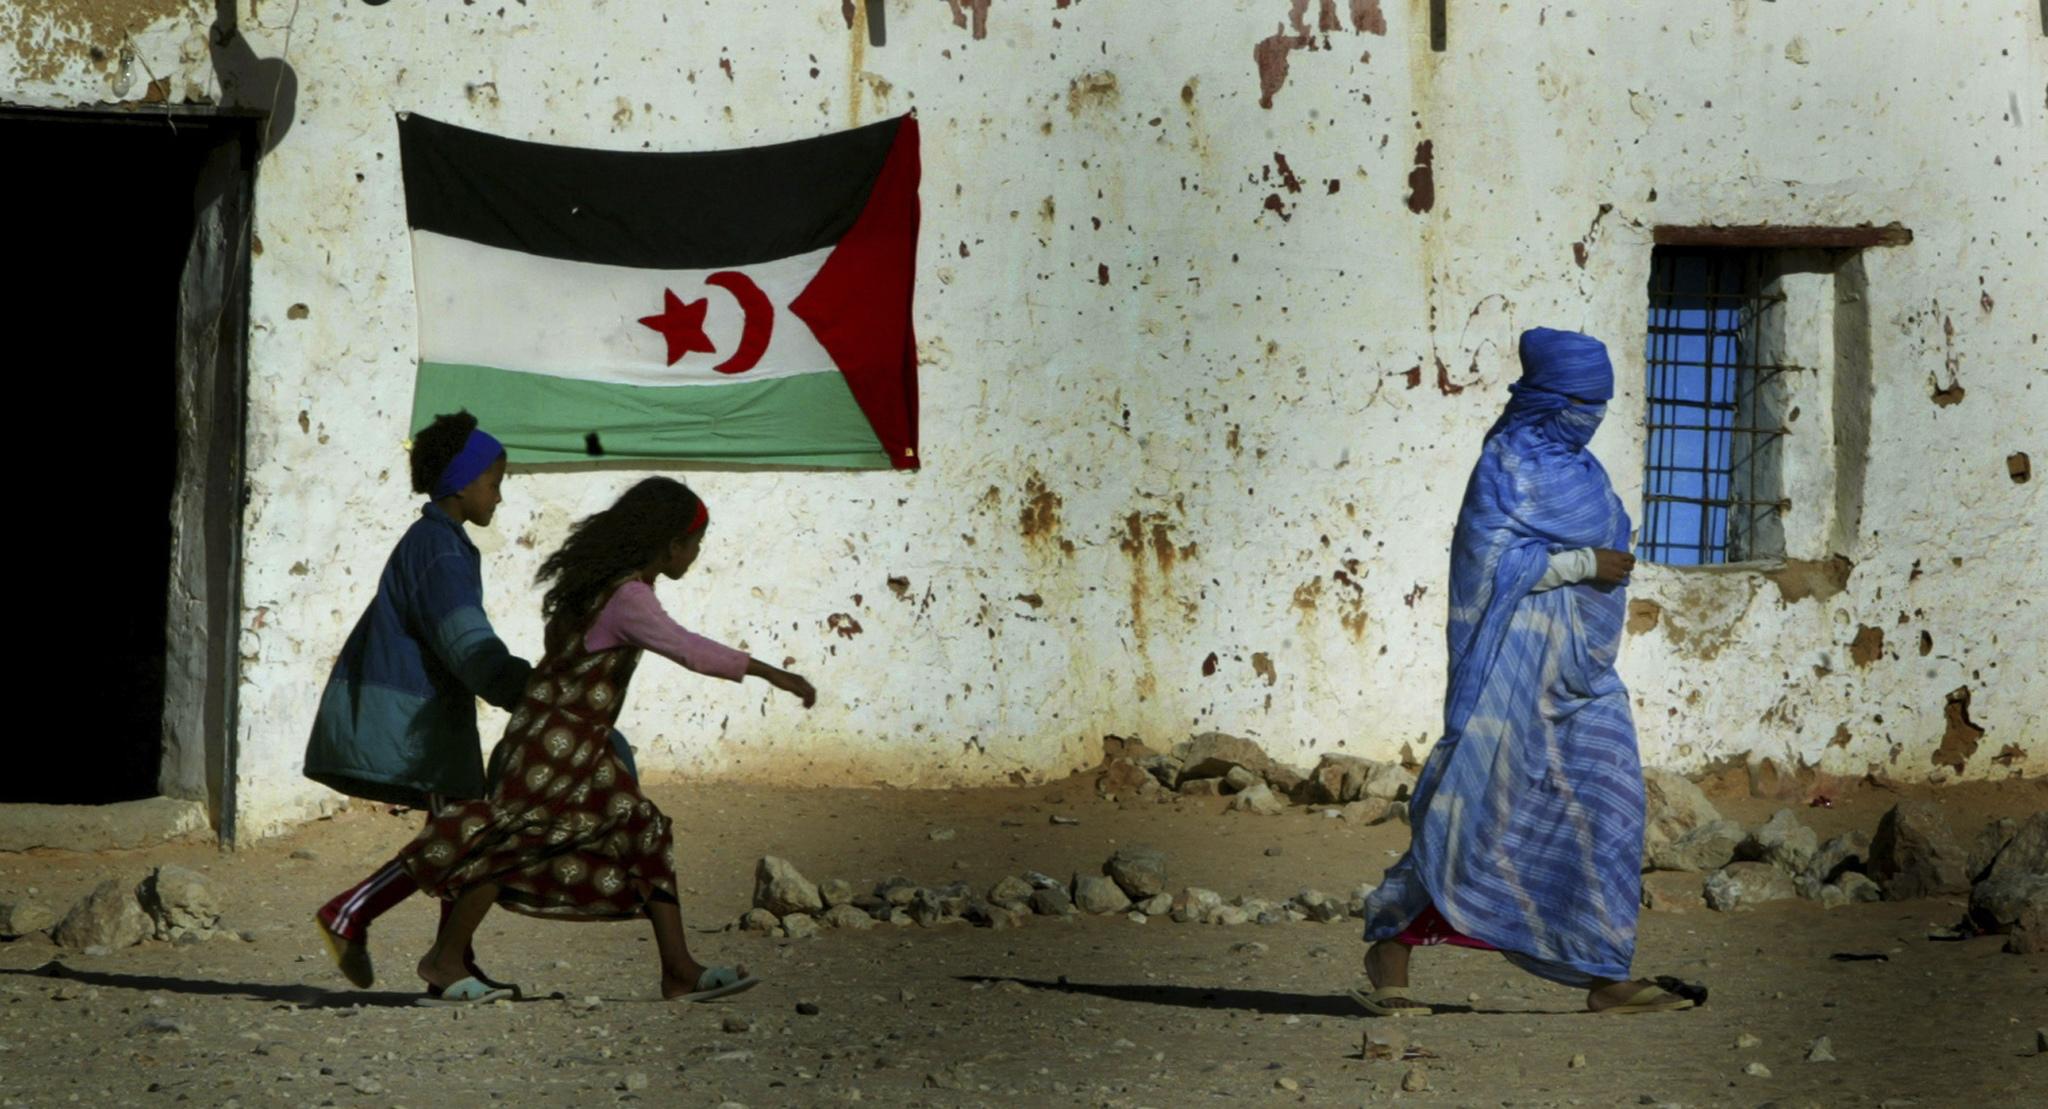 Una mujer junto a un muro con una bandera saharaui, cerca de Tinduf.